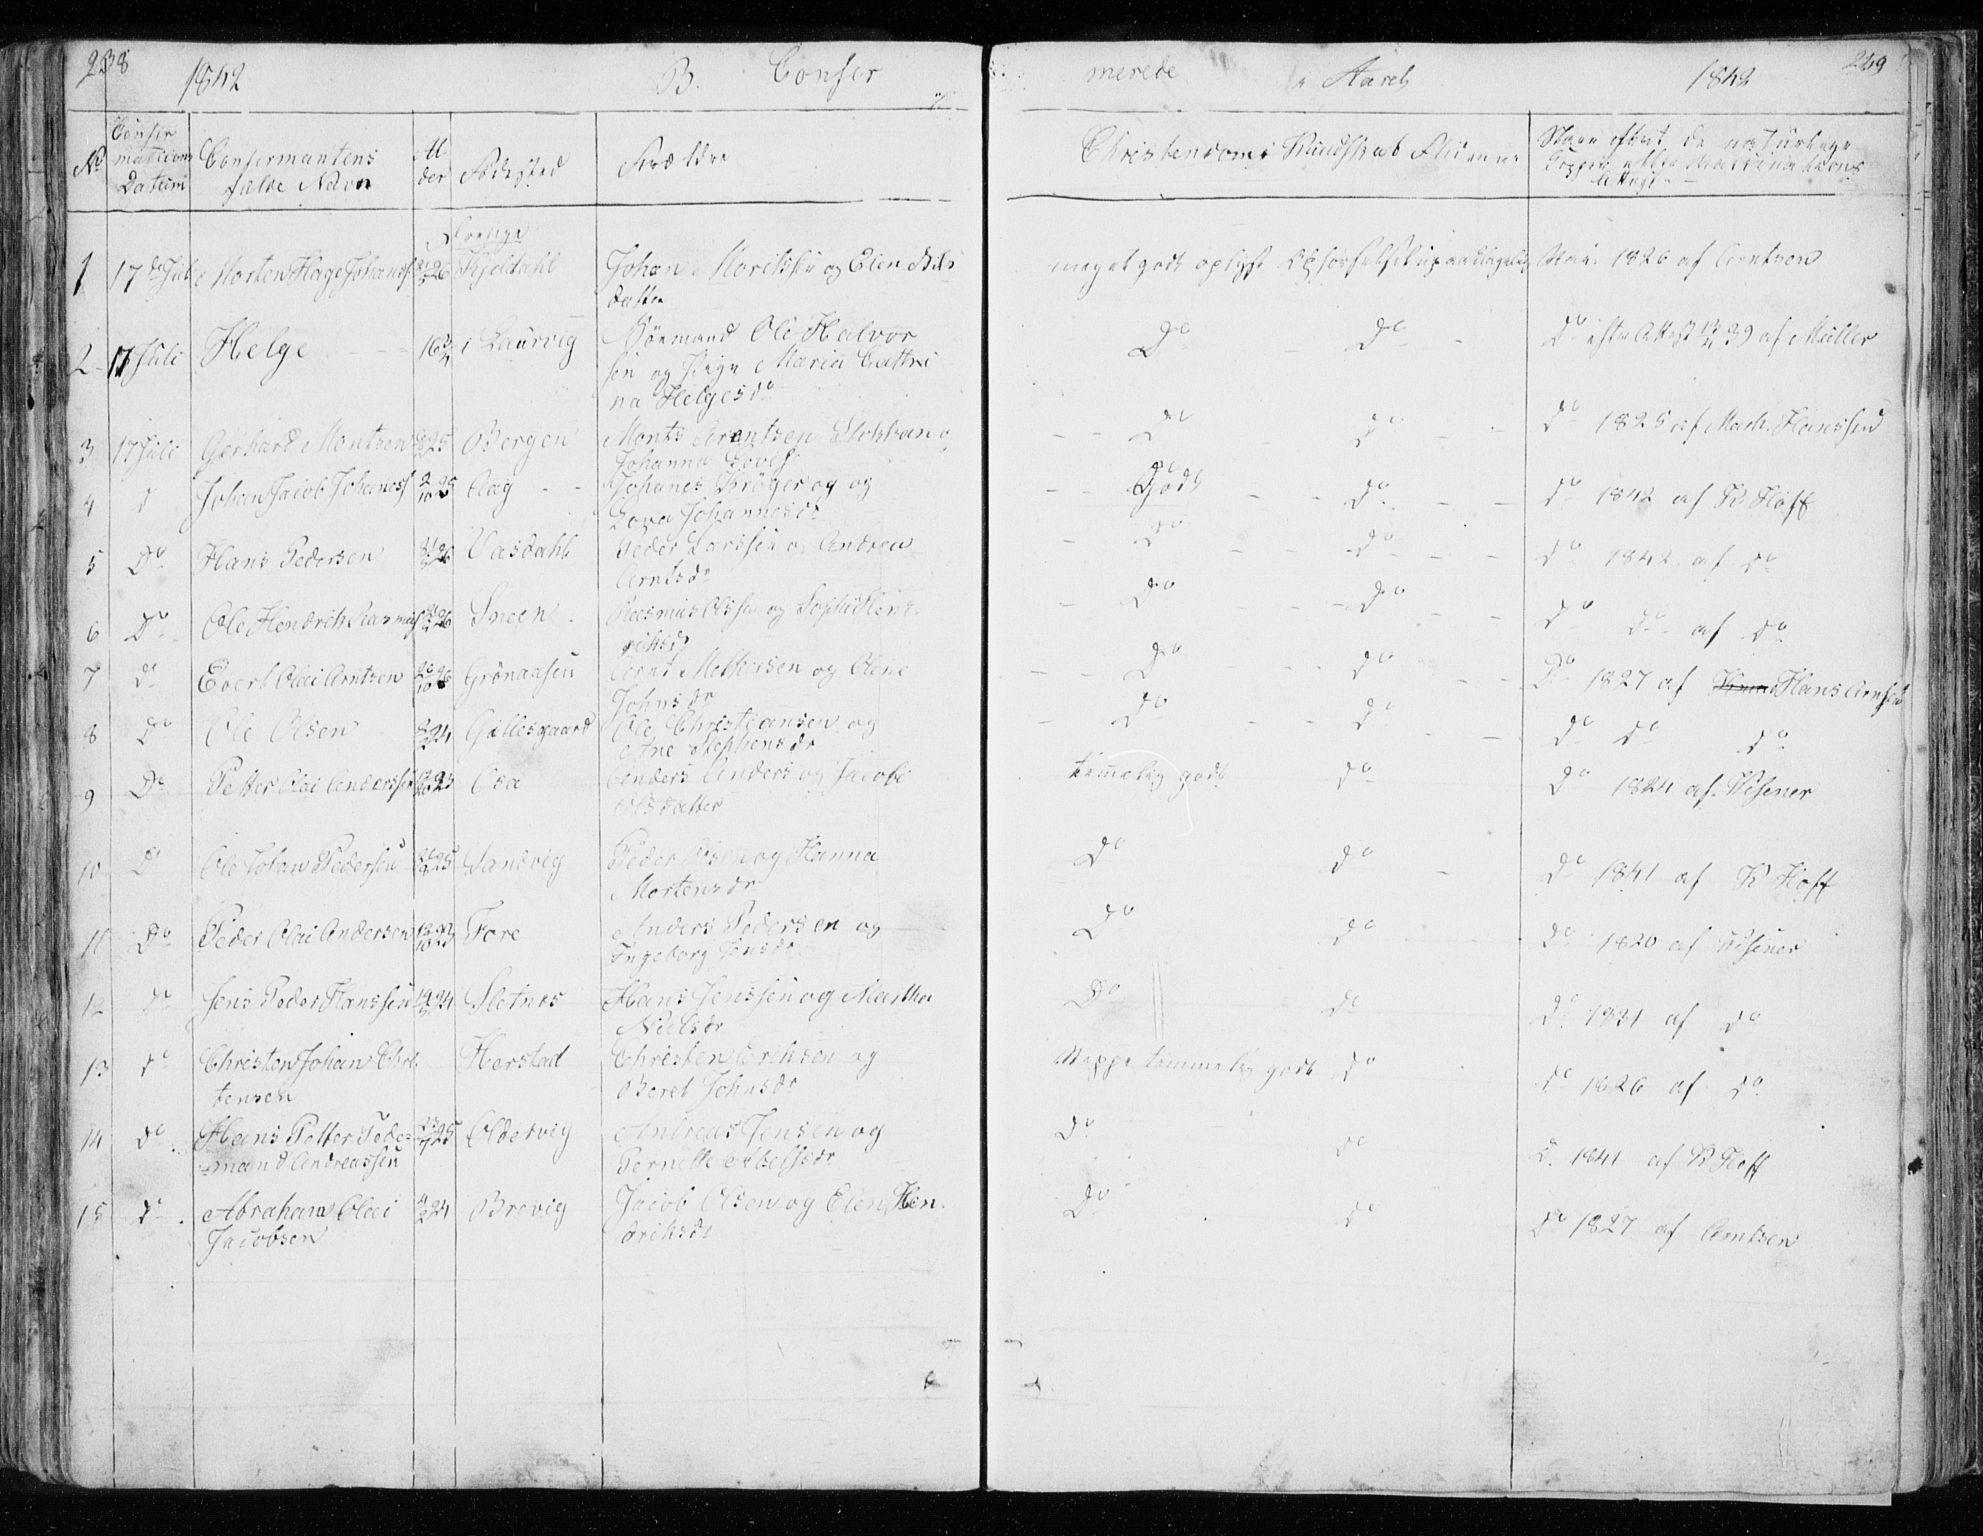 SAT, Ministerialprotokoller, klokkerbøker og fødselsregistre - Nordland, 843/L0632: Parish register (copy) no. 843C01, 1833-1853, p. 238-239